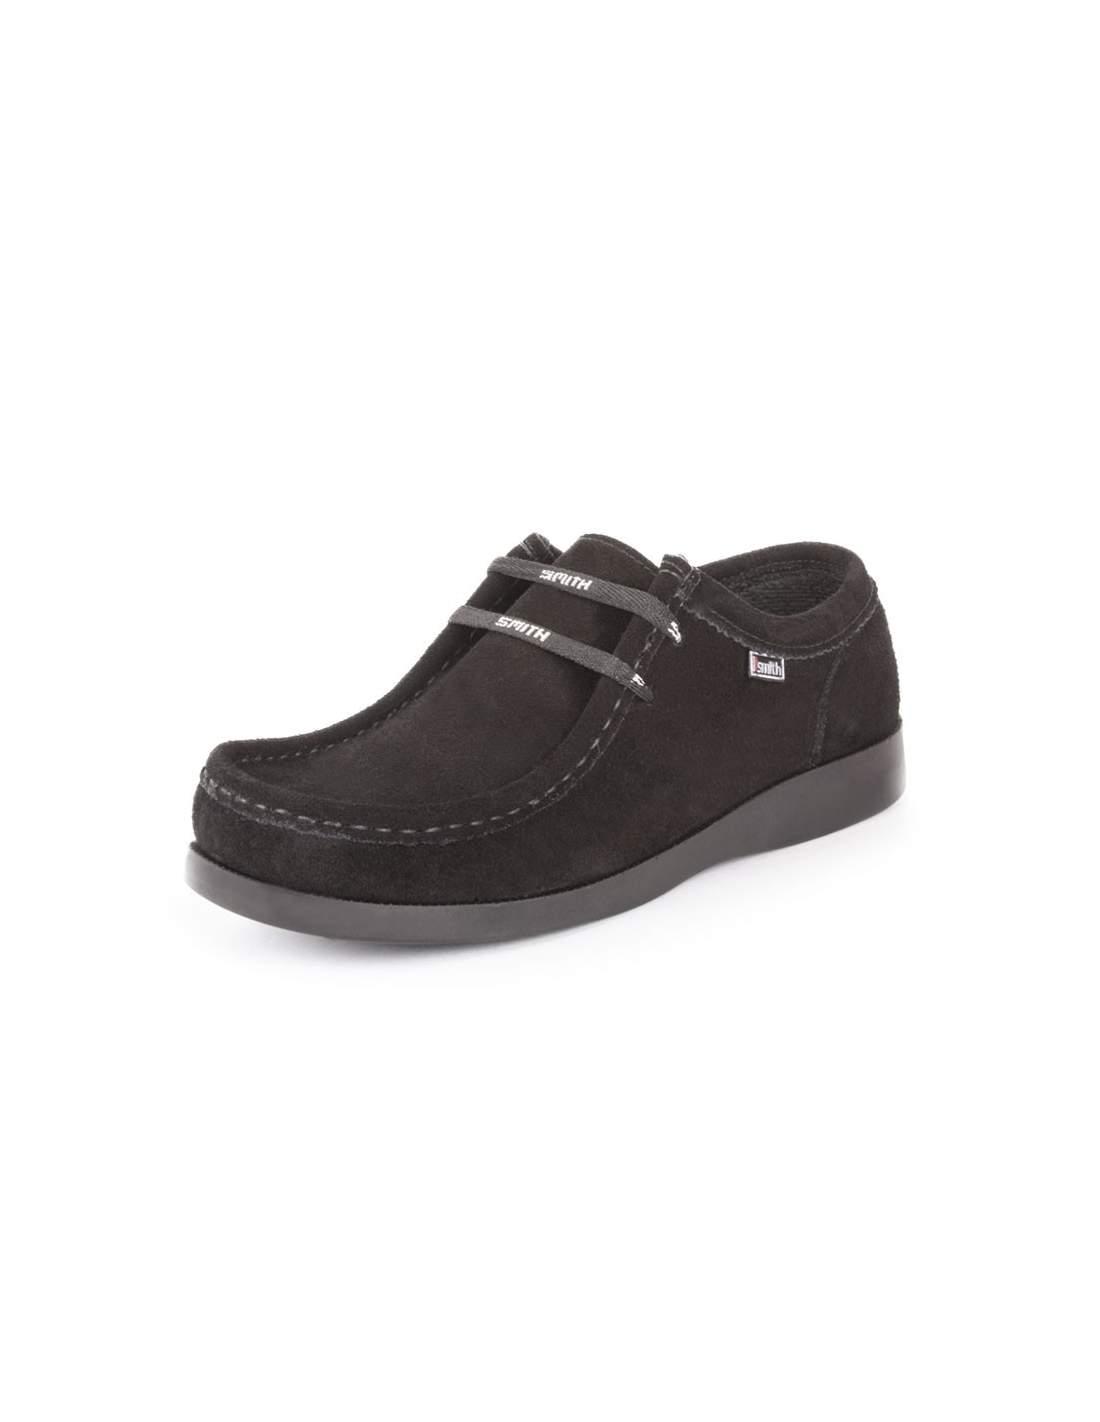 Botines Zapatos Ref104 Y Casuales Informales bY7ygf6